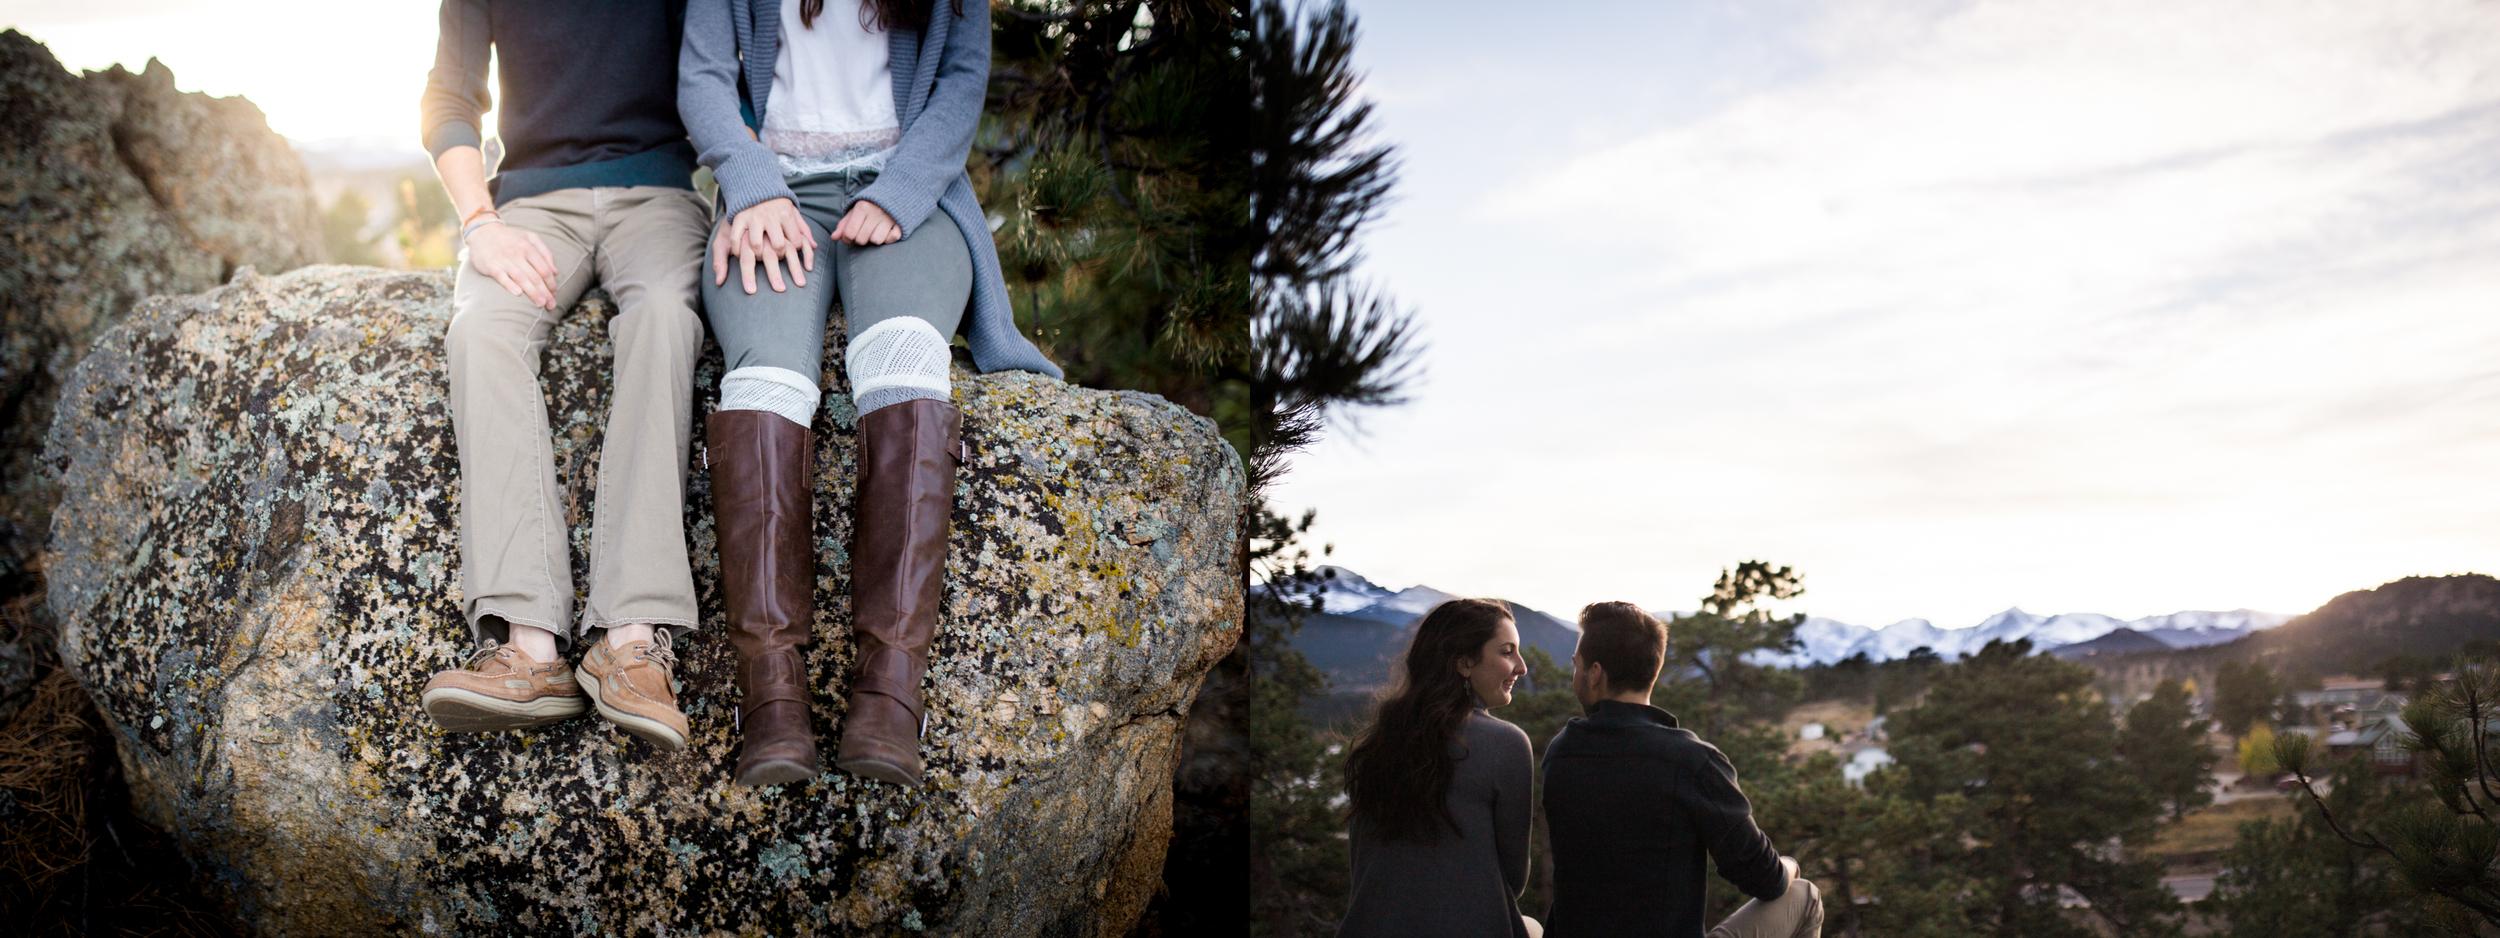 creative couples engagement photography Estes Park